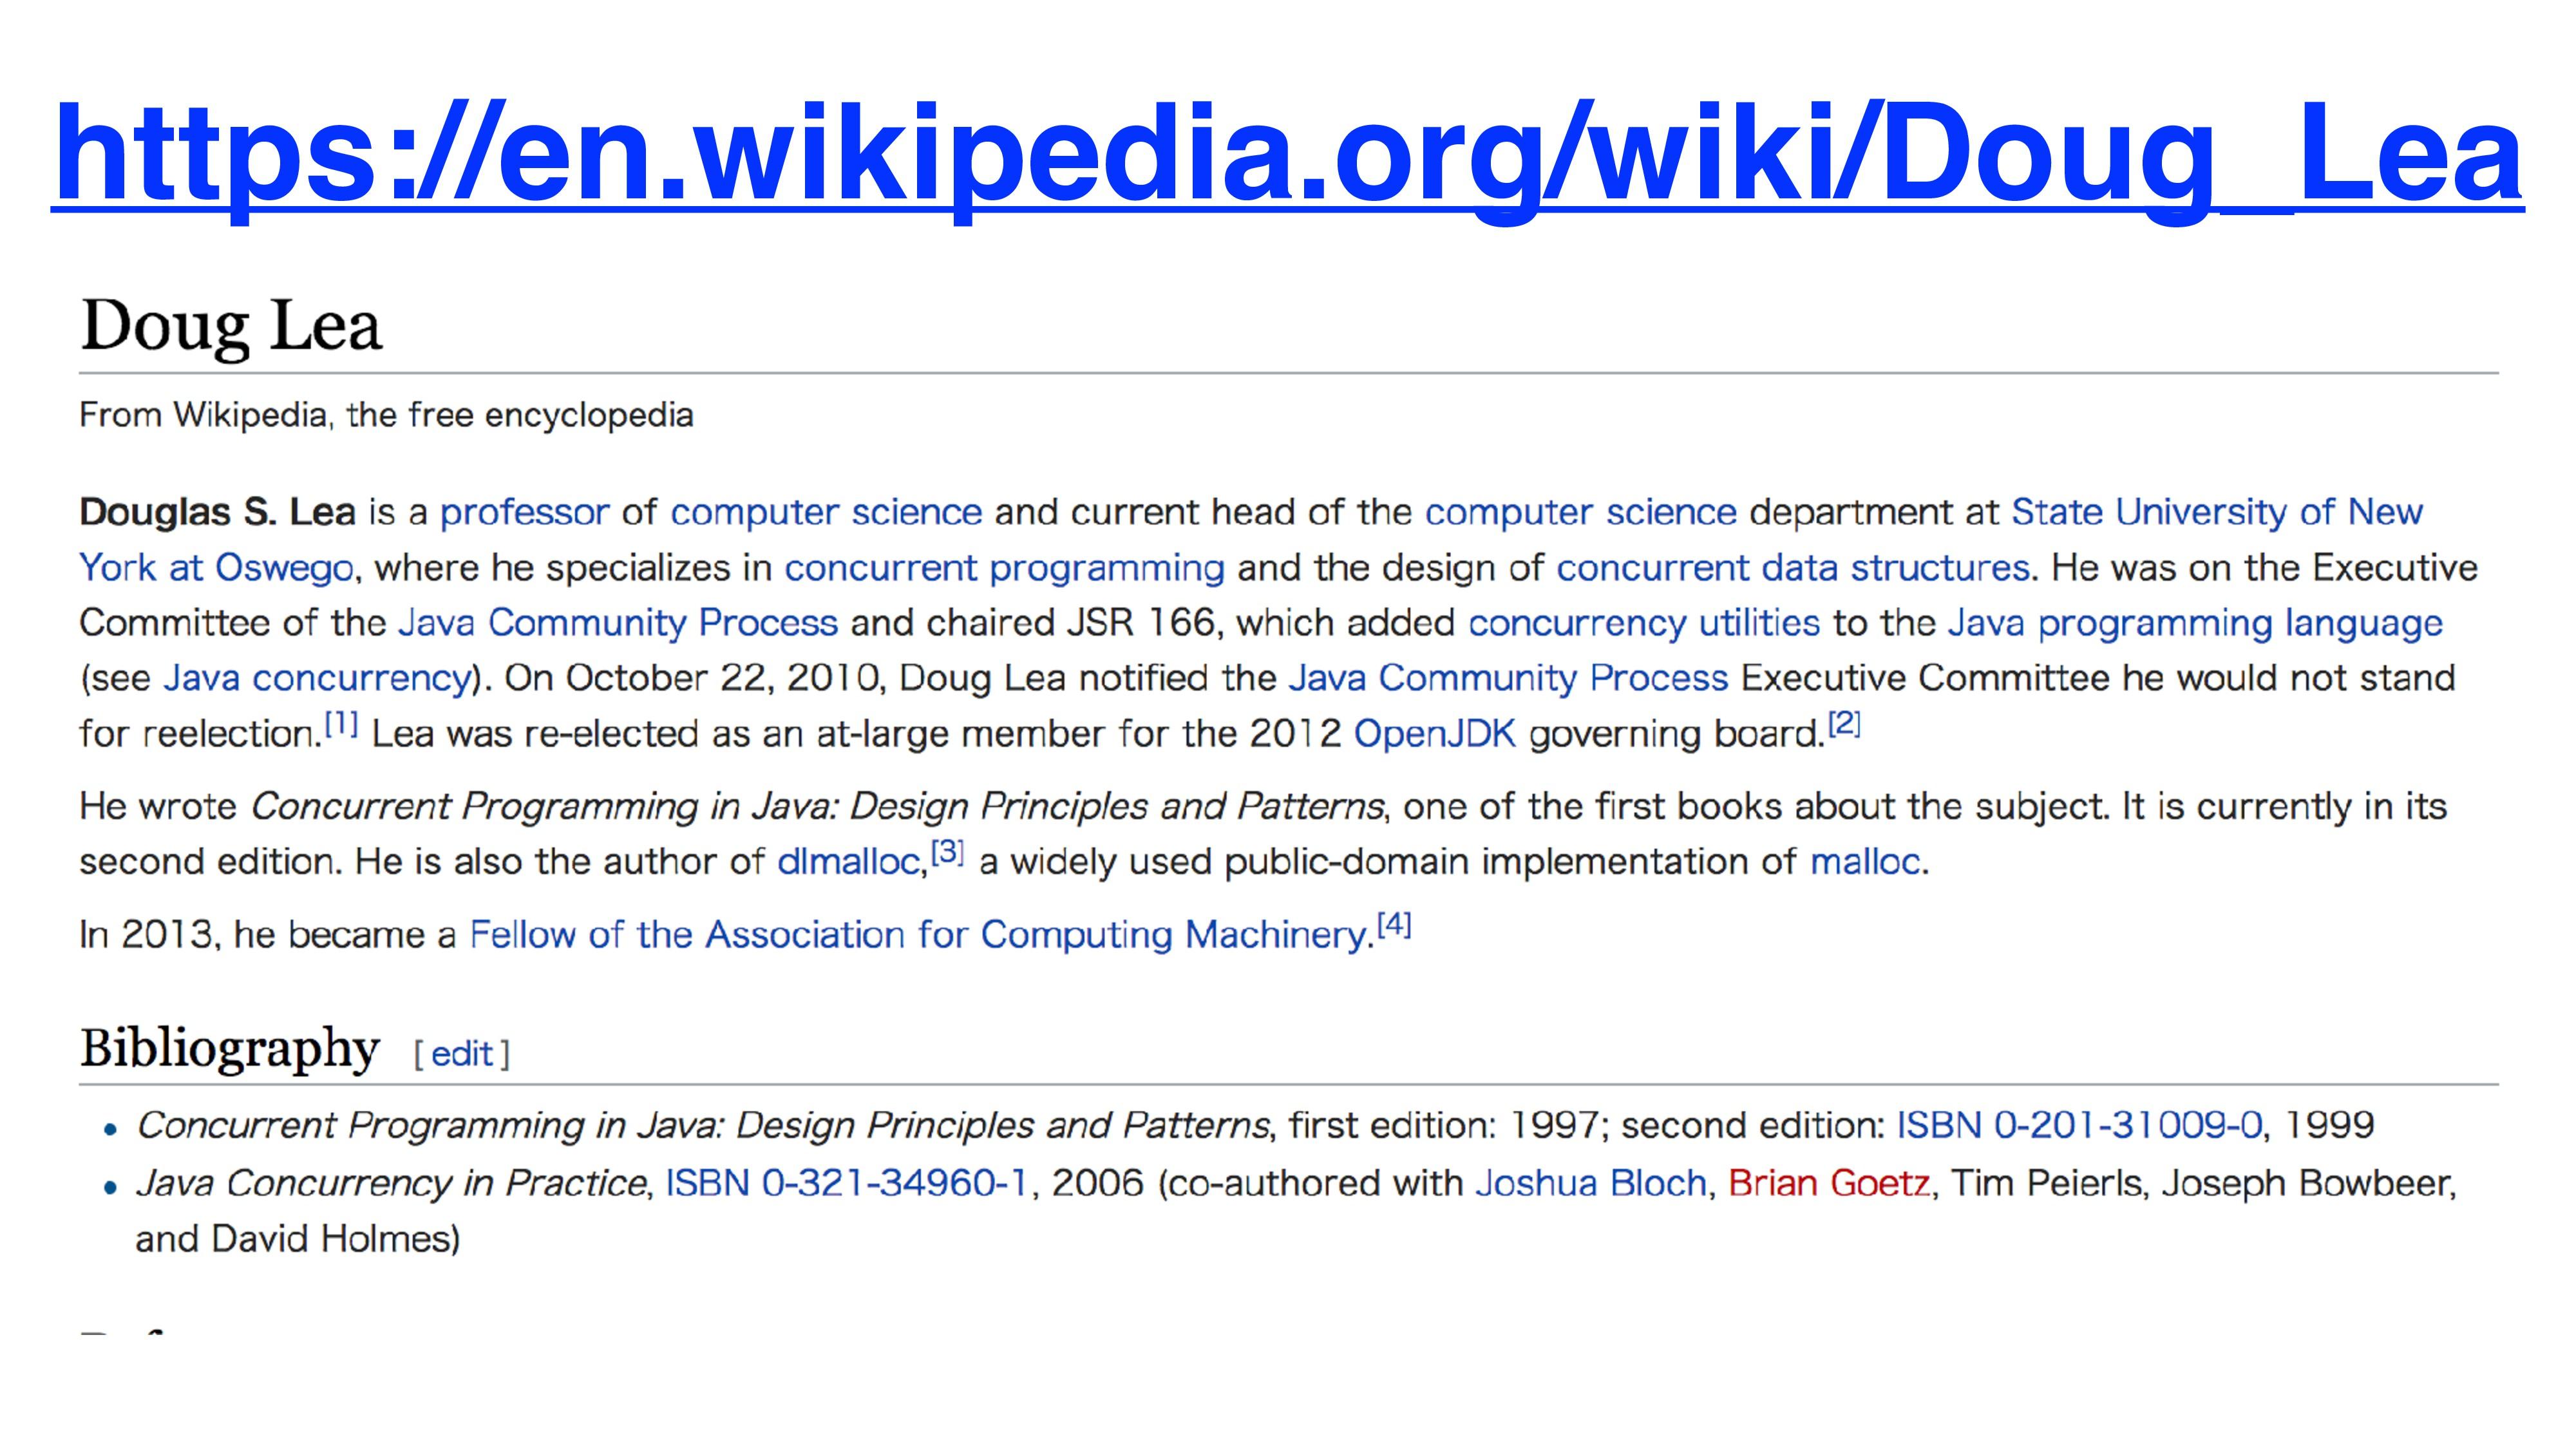 https://en.wikipedia.org/wiki/Doug_Lea